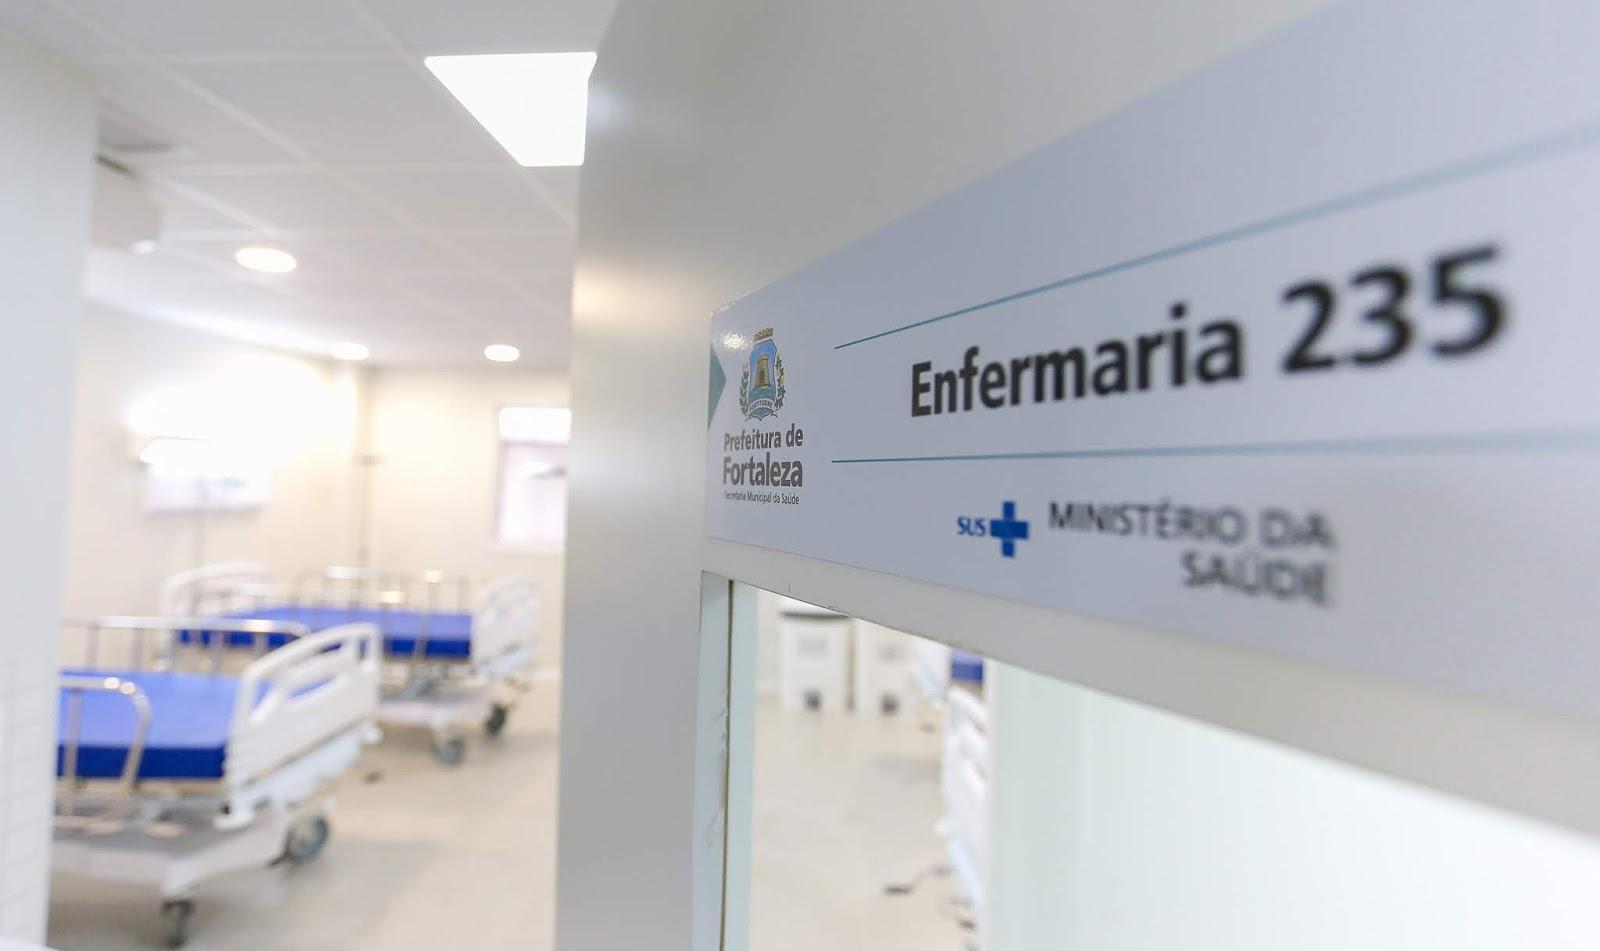 IJF 2 começa a receber pacientes em 60 novos leitos 0fd0fe95a0274